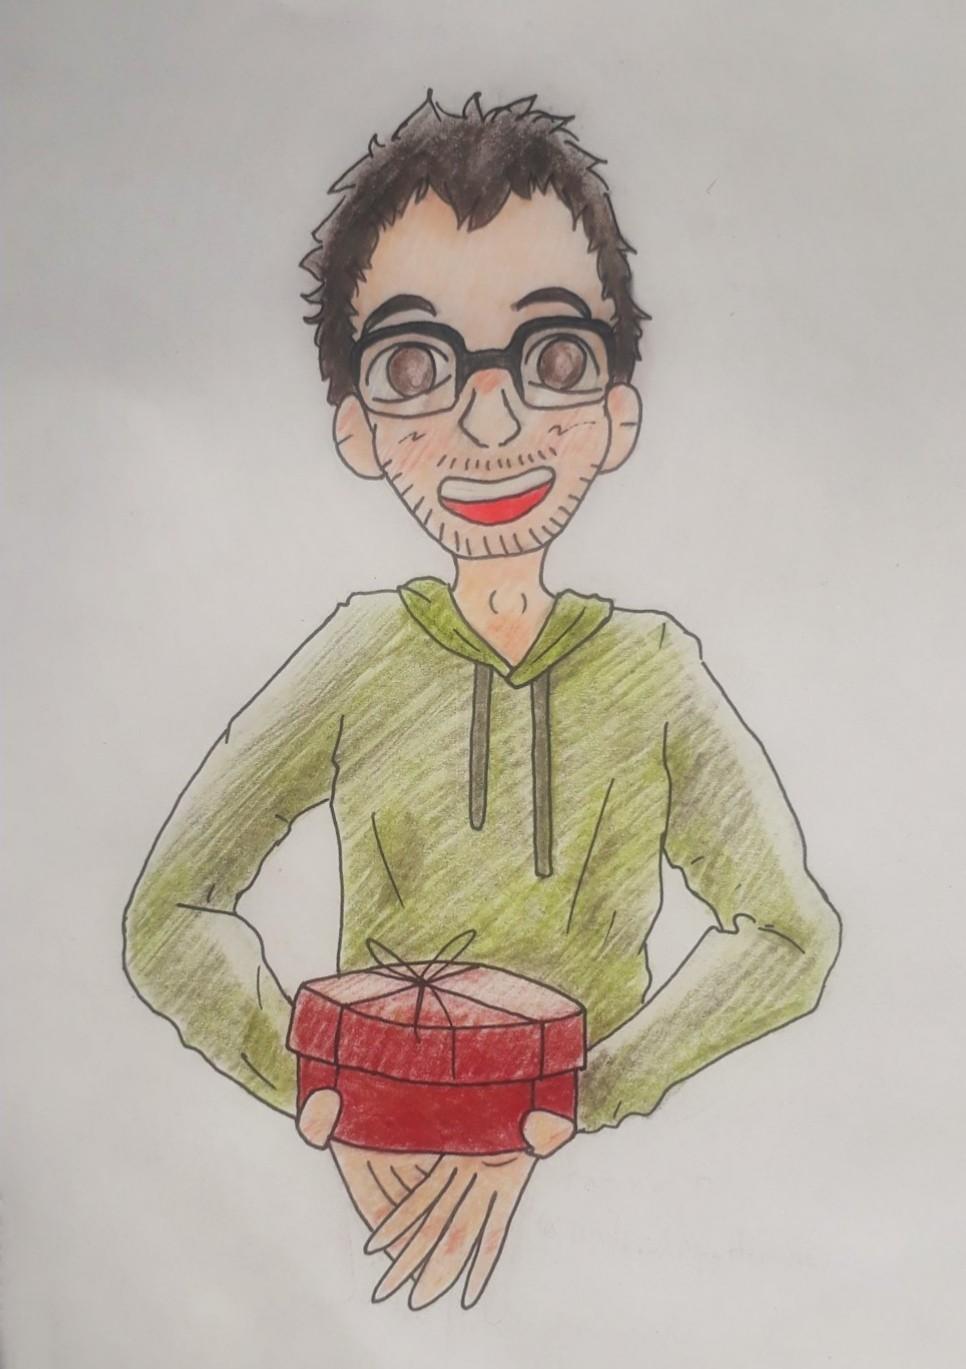 Невысокий круглолицый мужчина лет тридцати (карие глаза, короткие тёмные волосы, очки, зелёная толстовка с капюшоном) доброжелательным жестом протягивает перед собой красную округлую коробку, внутри которой находится торт.